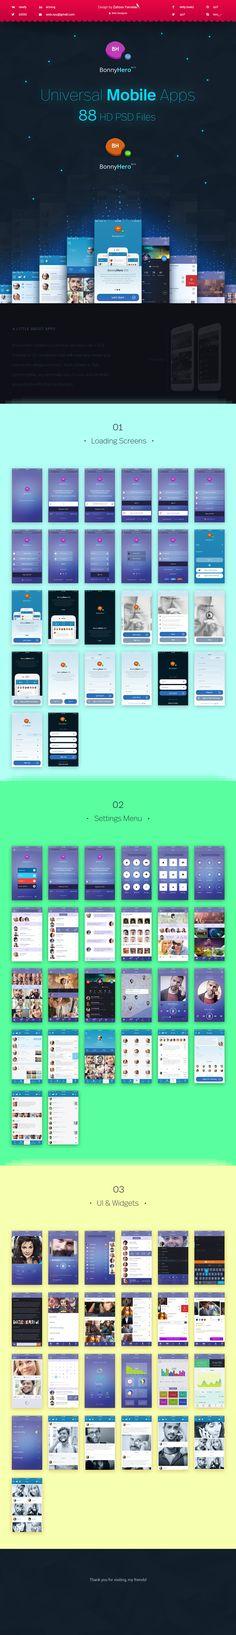 Bonny Hero App   Phone   Mobile UI ver. 2.0 on Behance